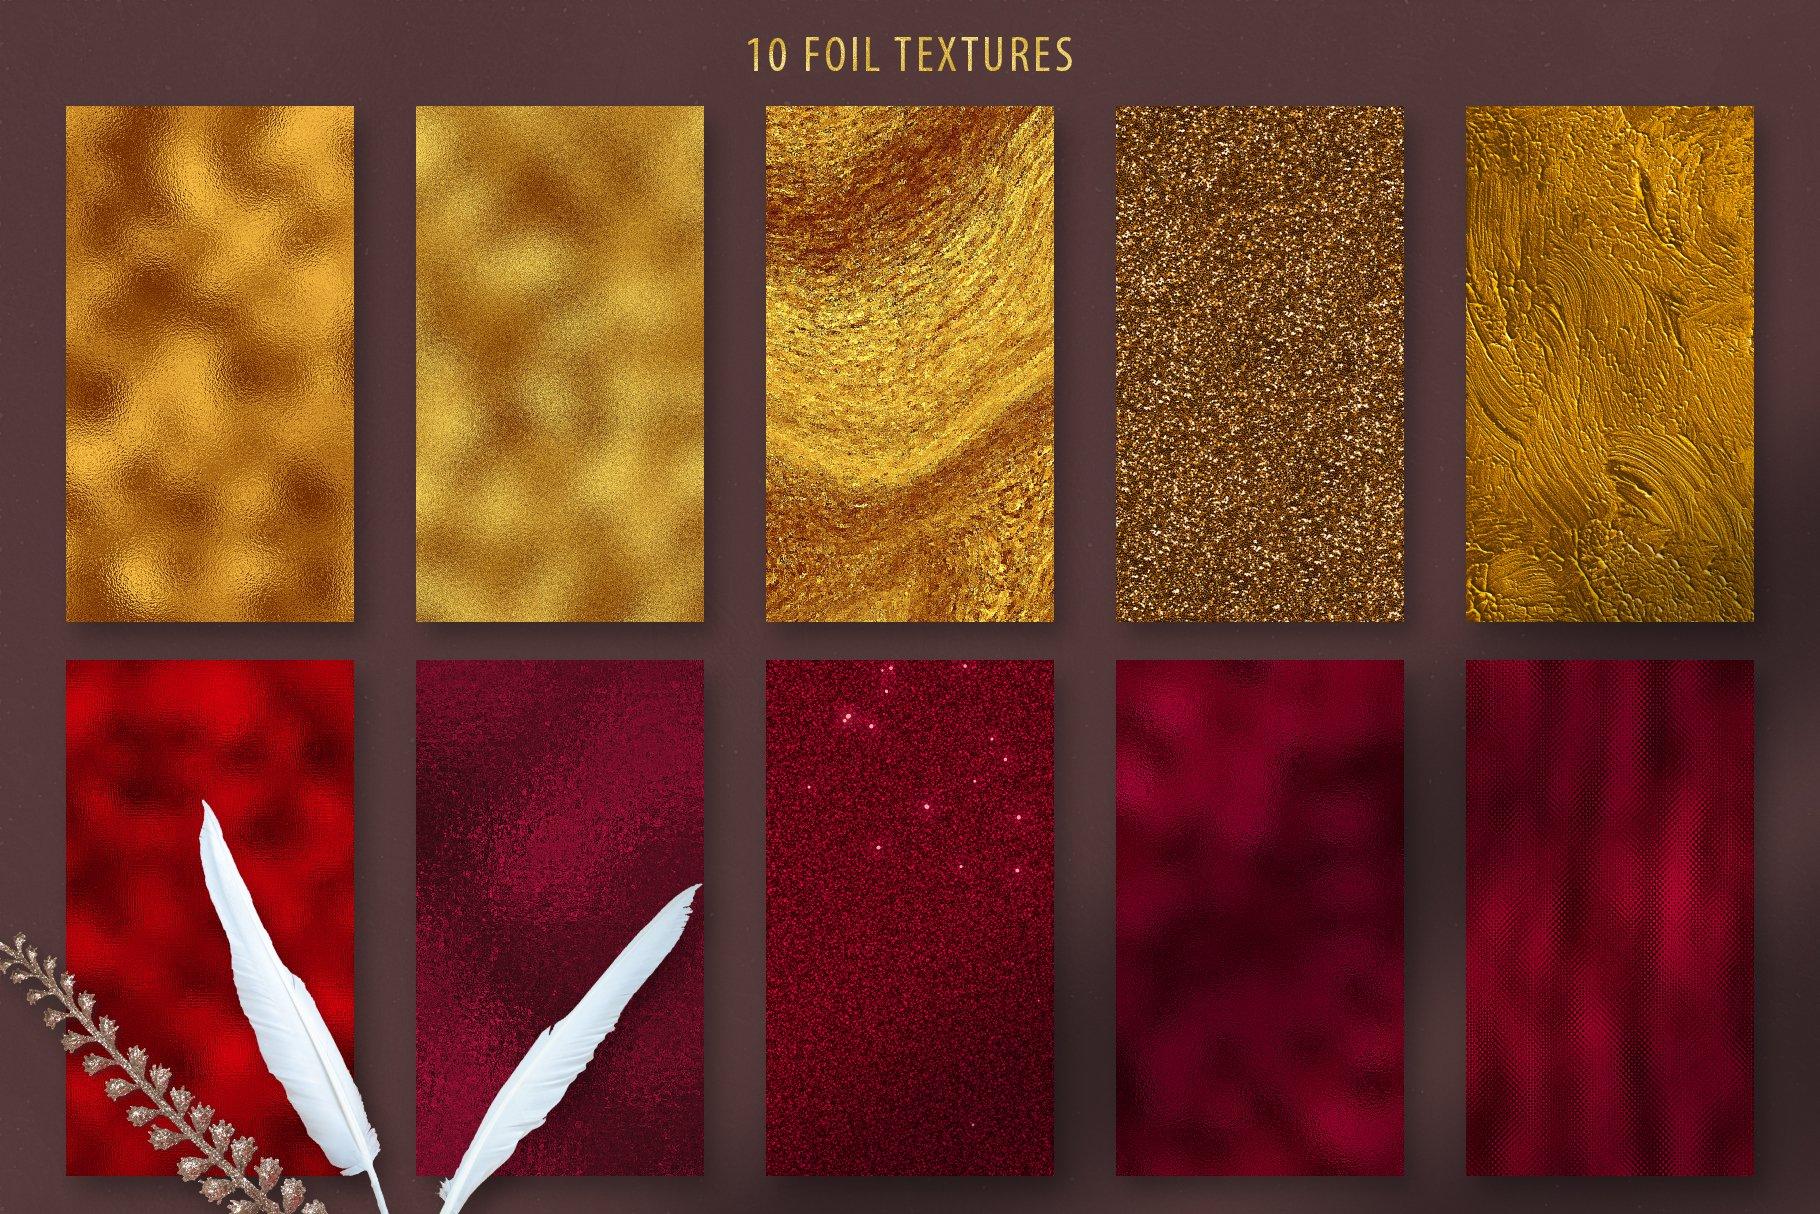 10款抽象奢华红色玛瑙石金箔纸纹理背景图片设计素材 Gold Veined Red Agate Textures插图3